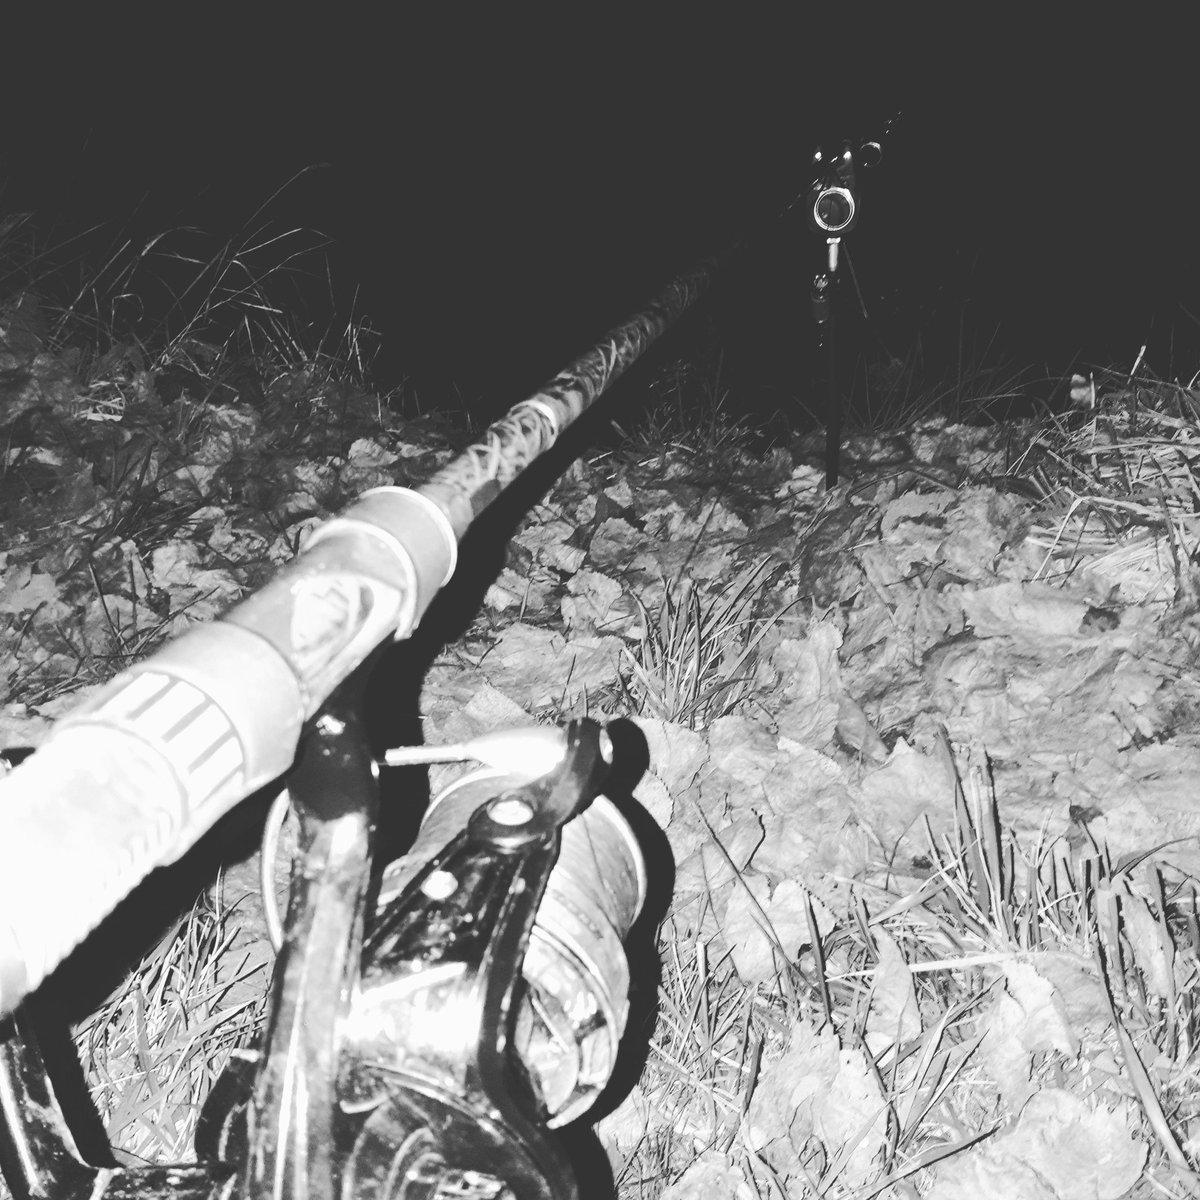 Petit résumé de la nuit dernière #Alone #CarpFishing #peche #<b>Lifestyle</b> https://t.co/FFGP2A